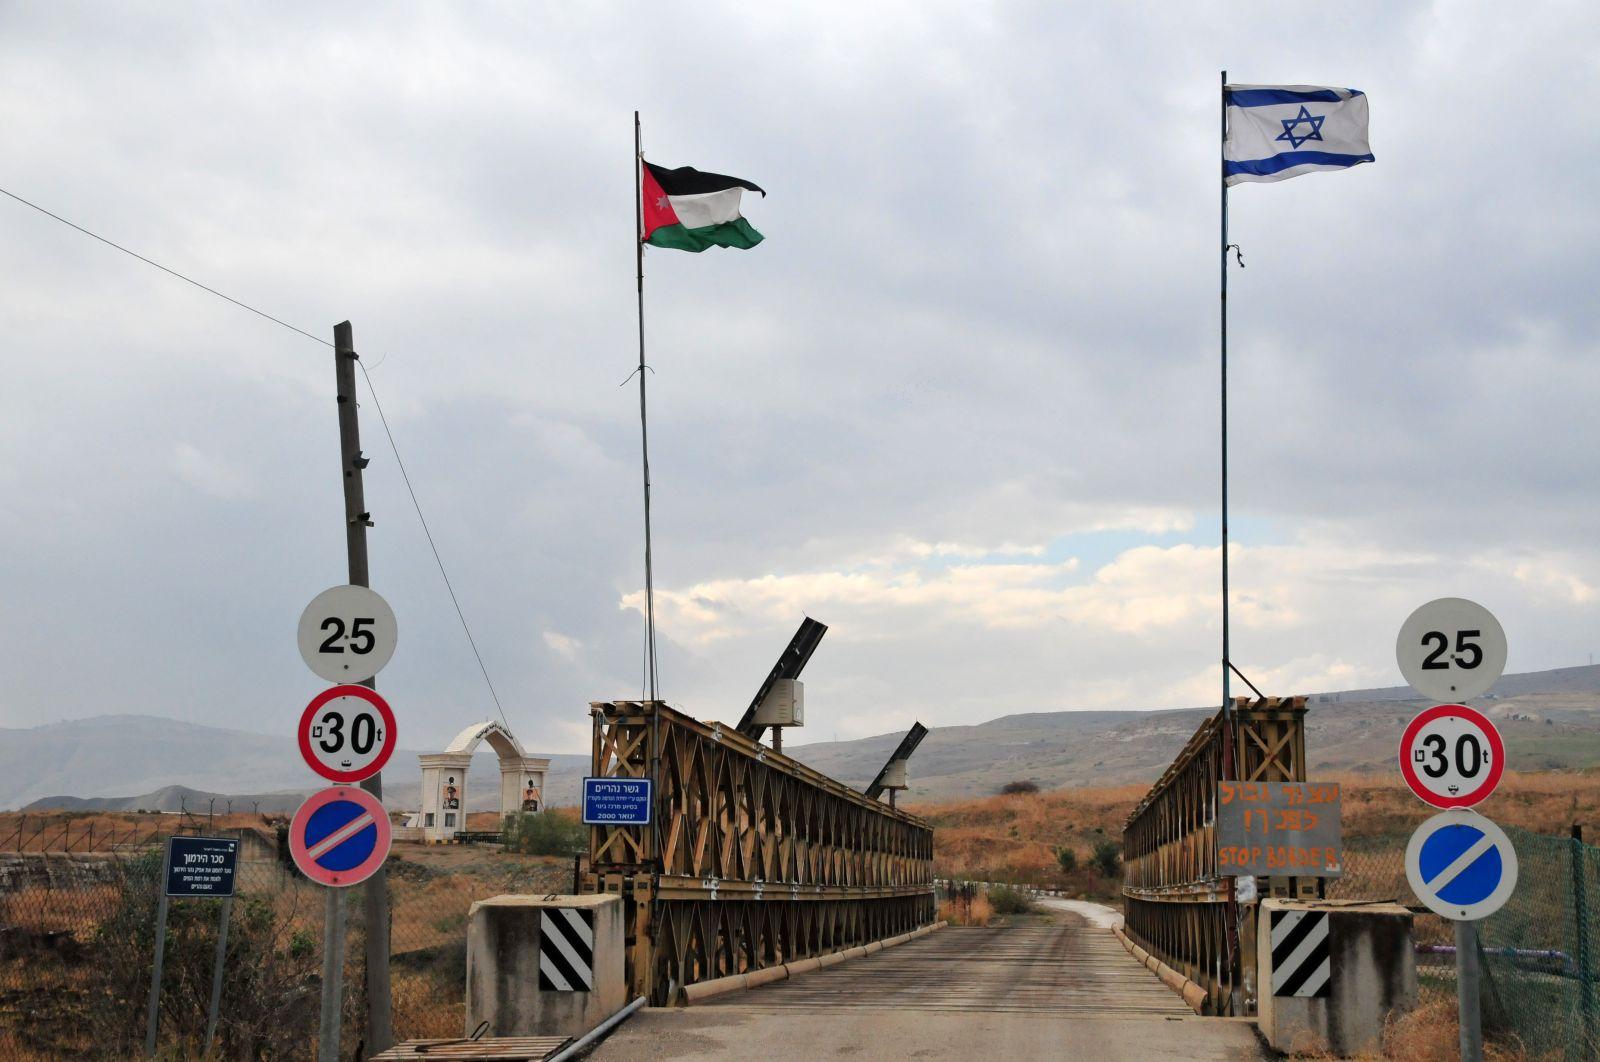 مصنع ملابس إسرائيلي في الأردن يُشغّل عمّالًا تحت ظروف من العبوديّة